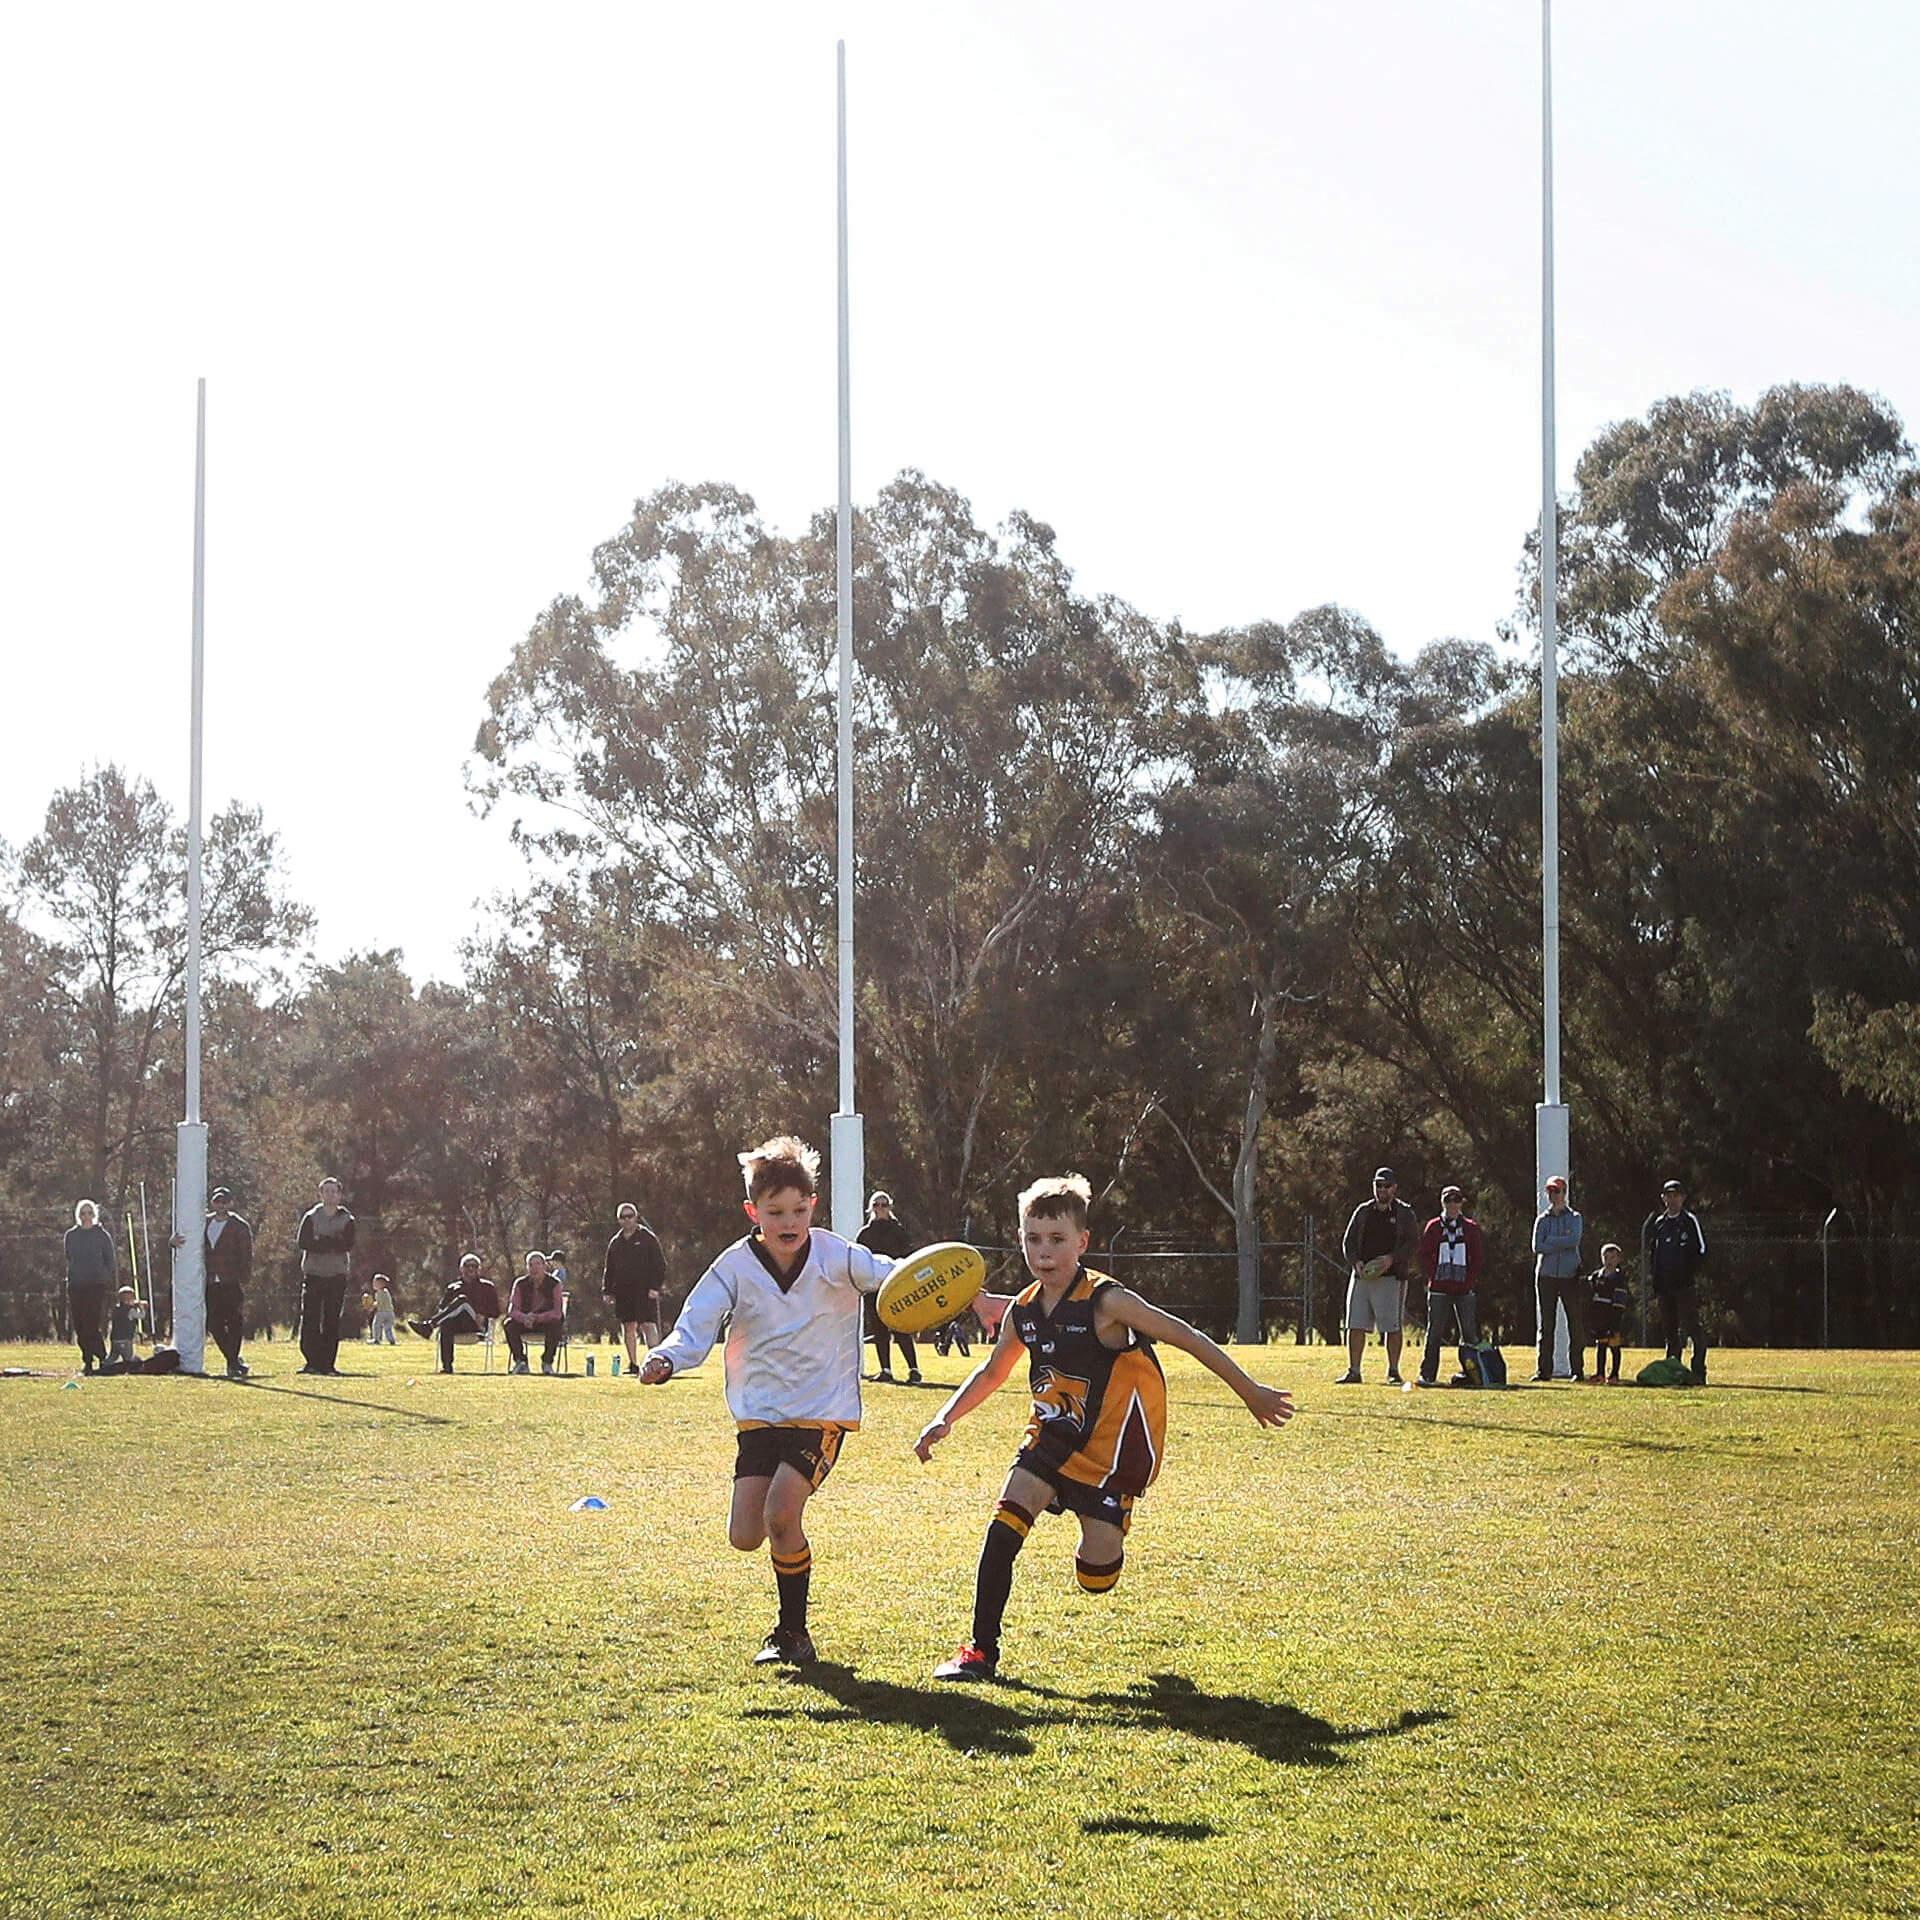 Boys running towards the camera